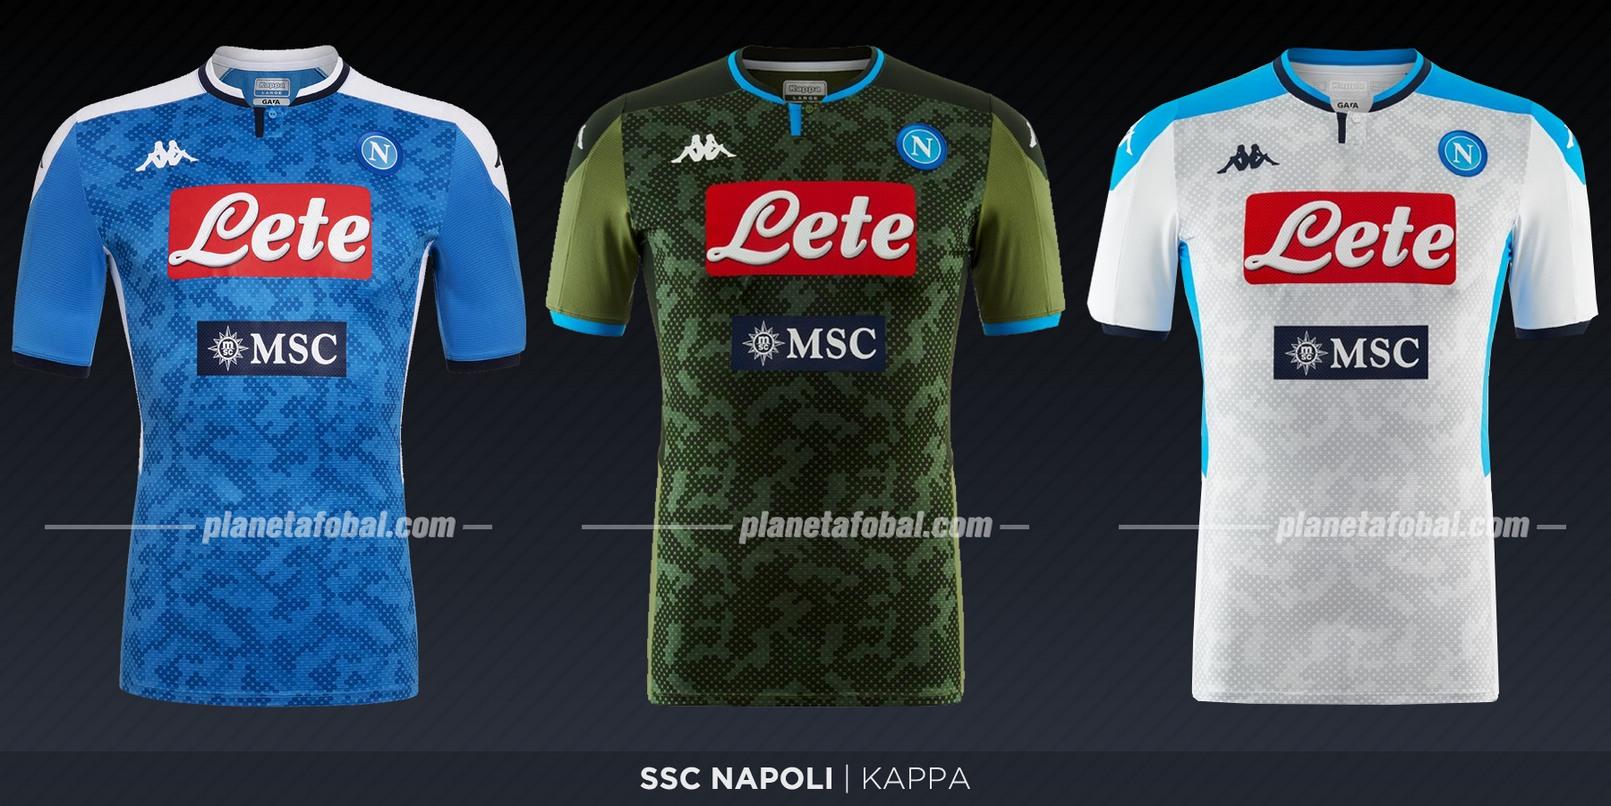 Napoli (Kappa) | Camisetas de la Serie A 2019-2020